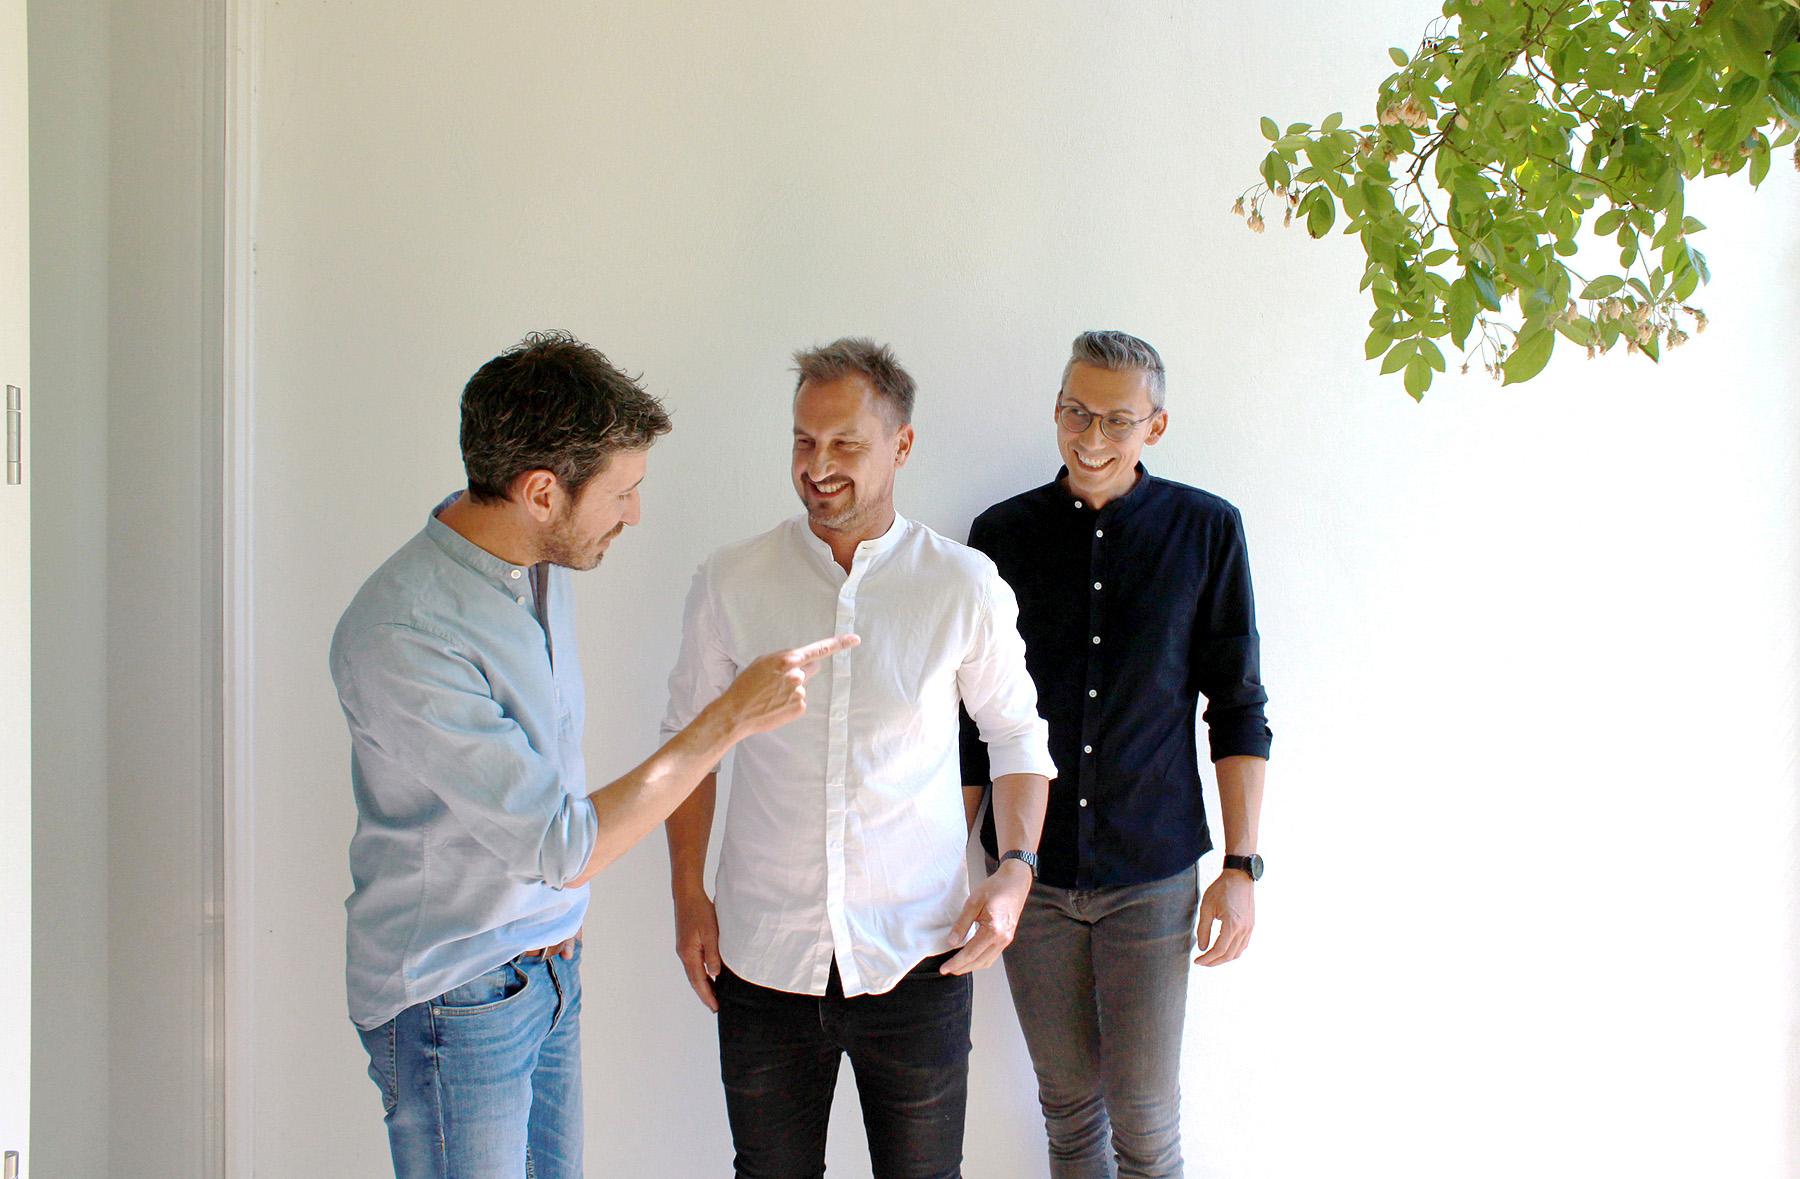 Architekten Schweinfurt schlicht lrecht architekten alles mit begeisterung